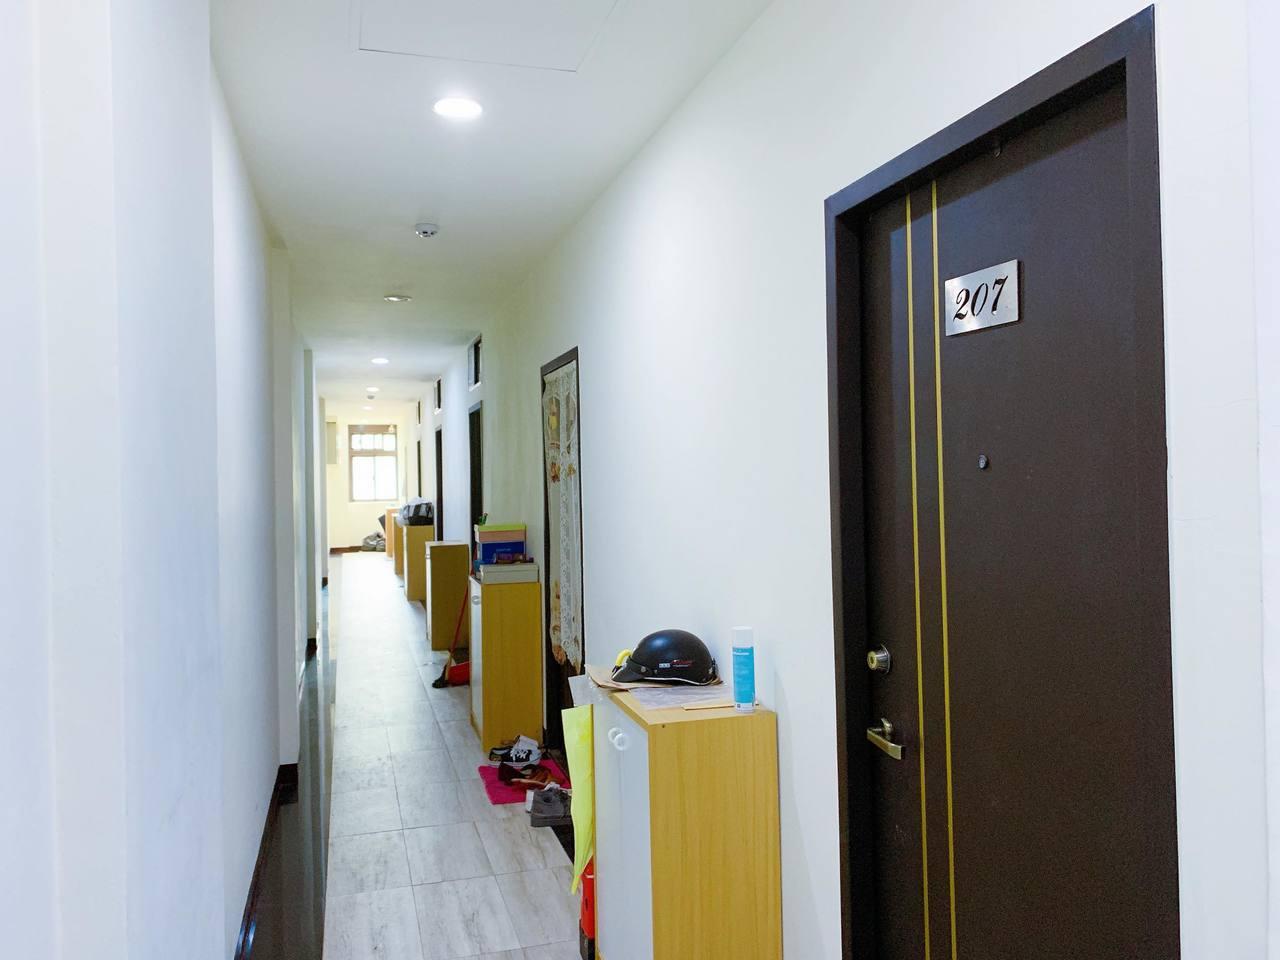 單身女性租屋切記多比較,透過合法租屋網有保障。記者徐力剛/攝影